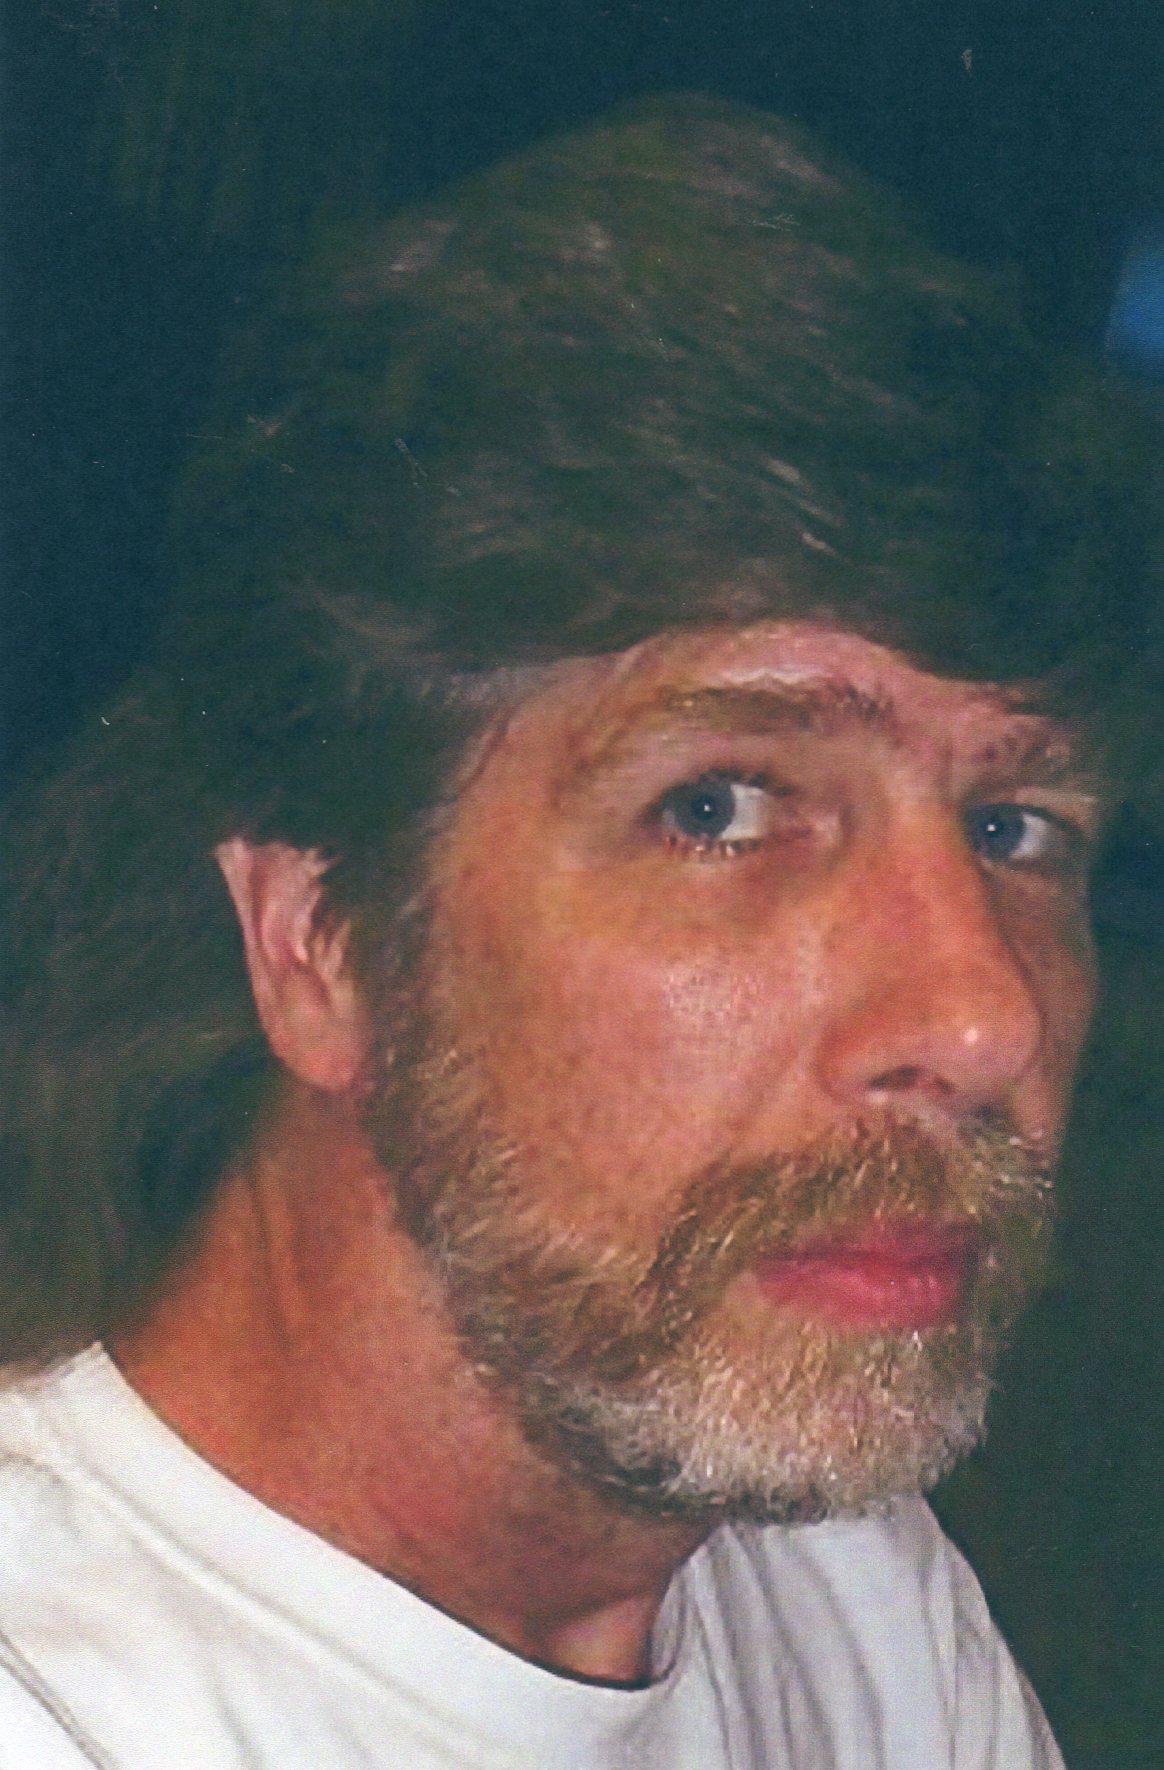 Kramer, Steven001